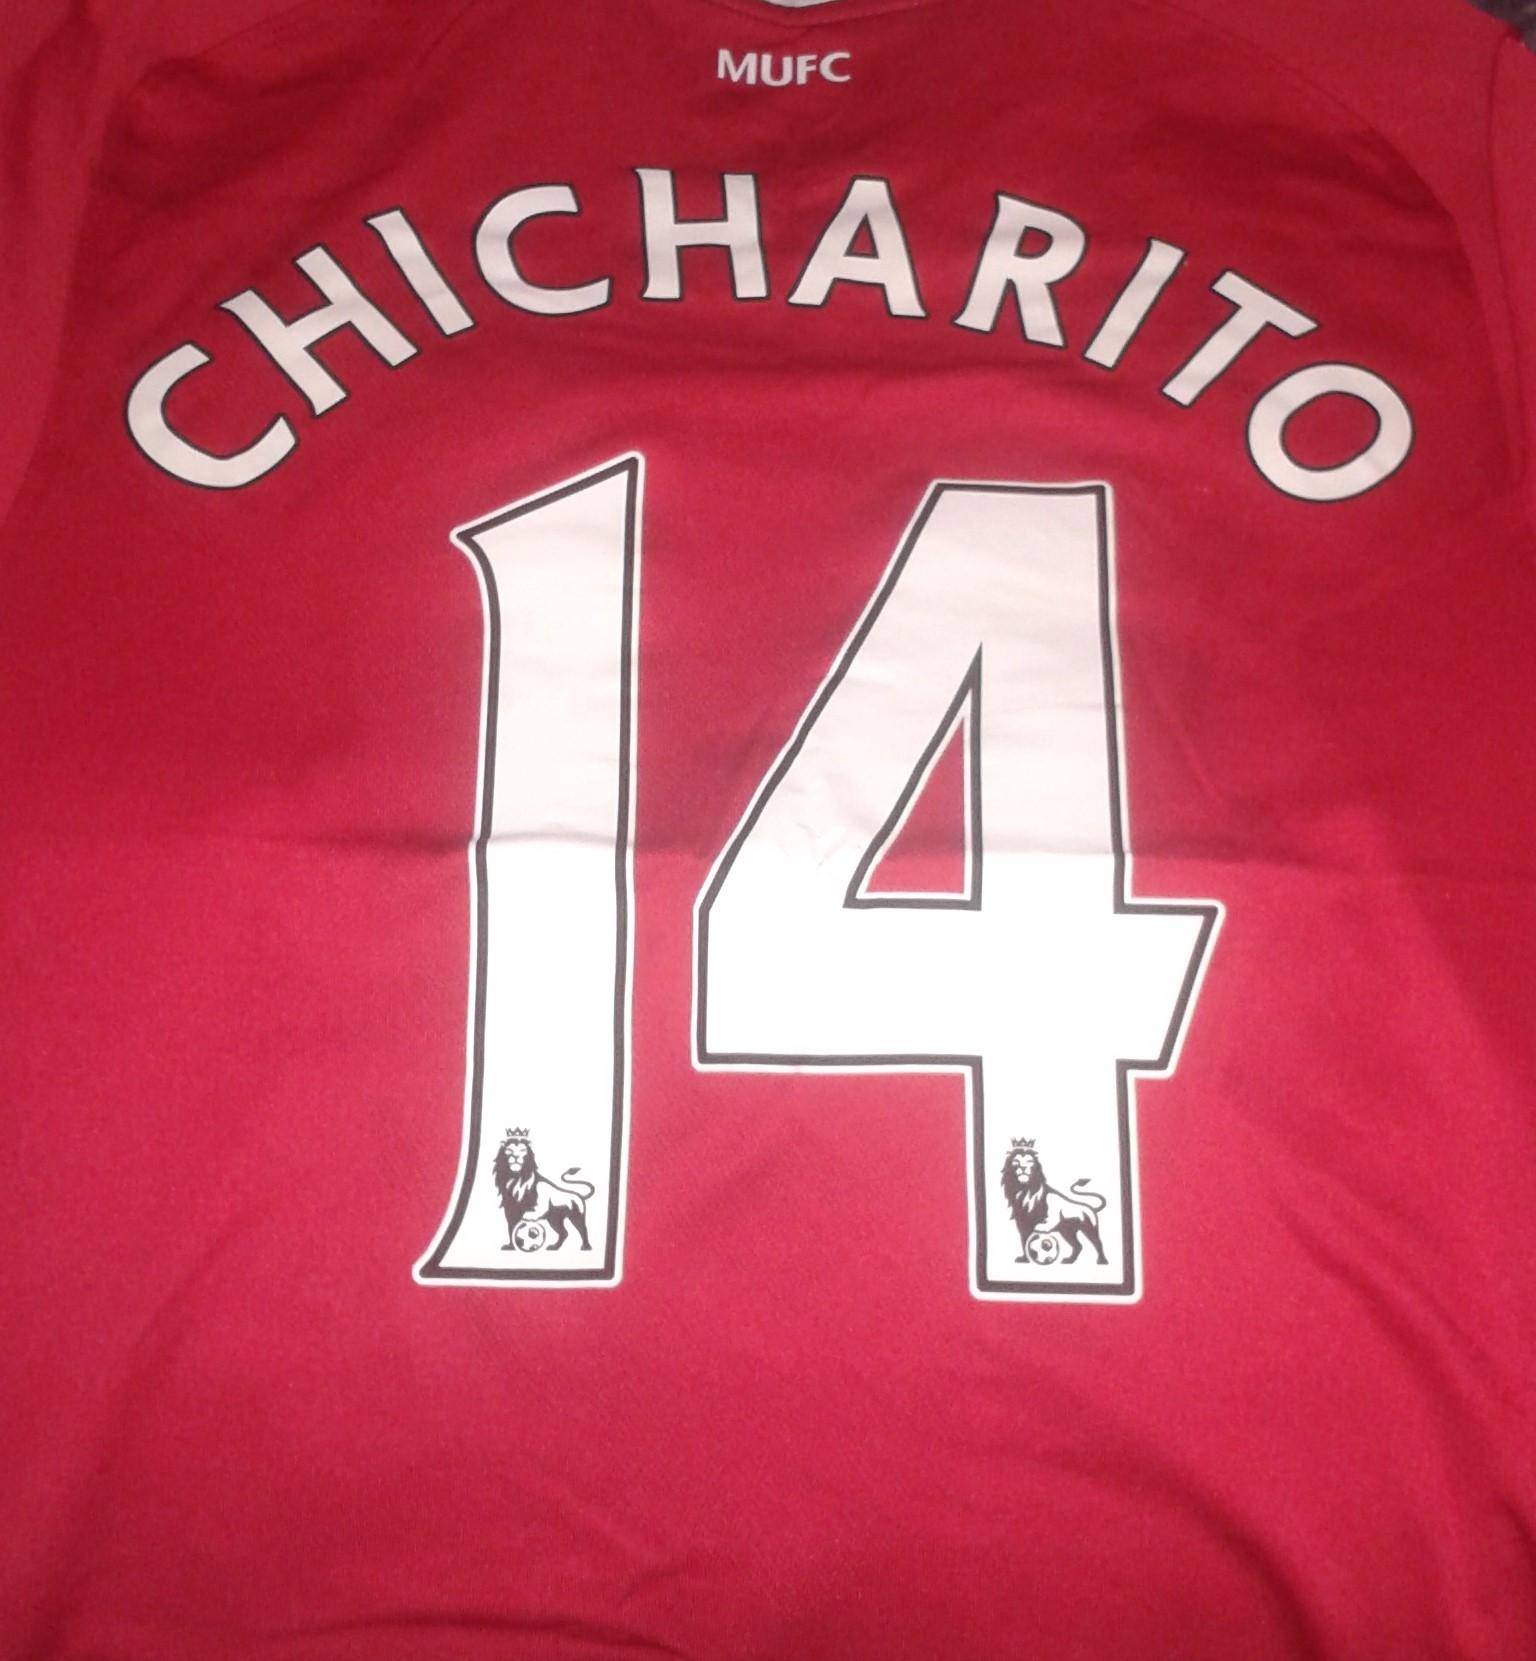 football shirt chicharito